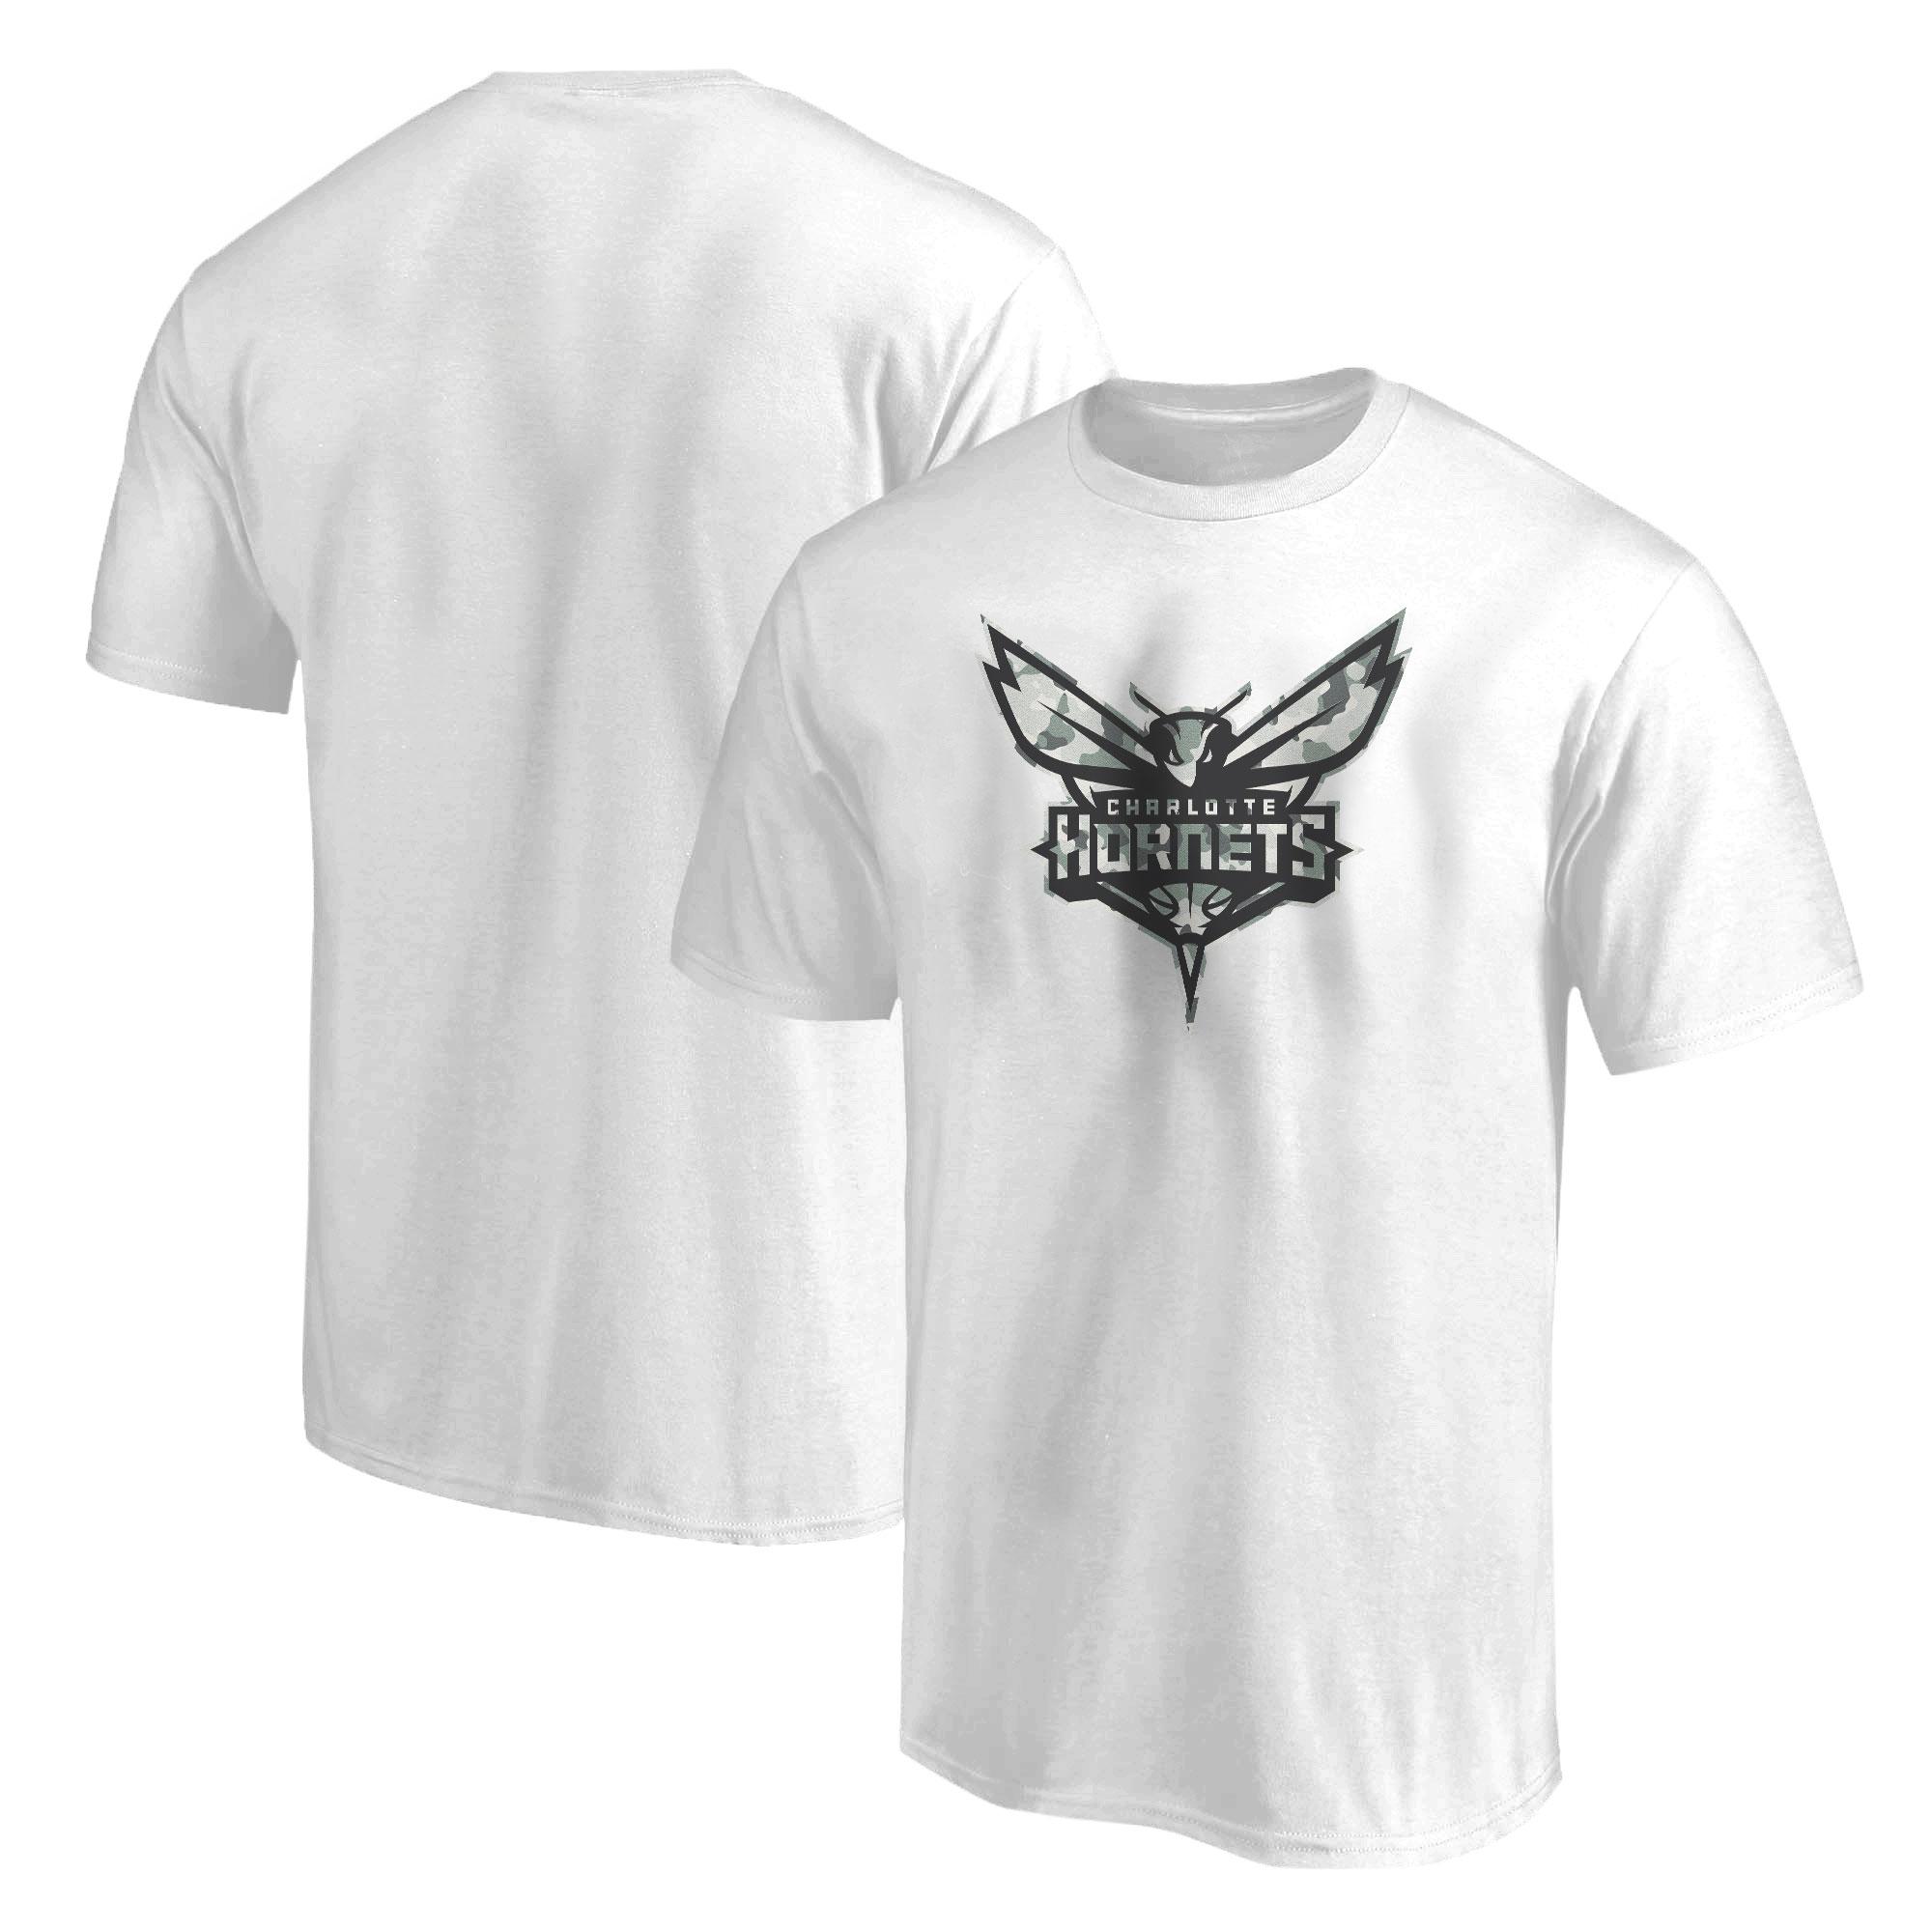 Charlotte Hornets Tshirt (TSH-BLC-407-NBA-CHRL-HRNT-NEW)